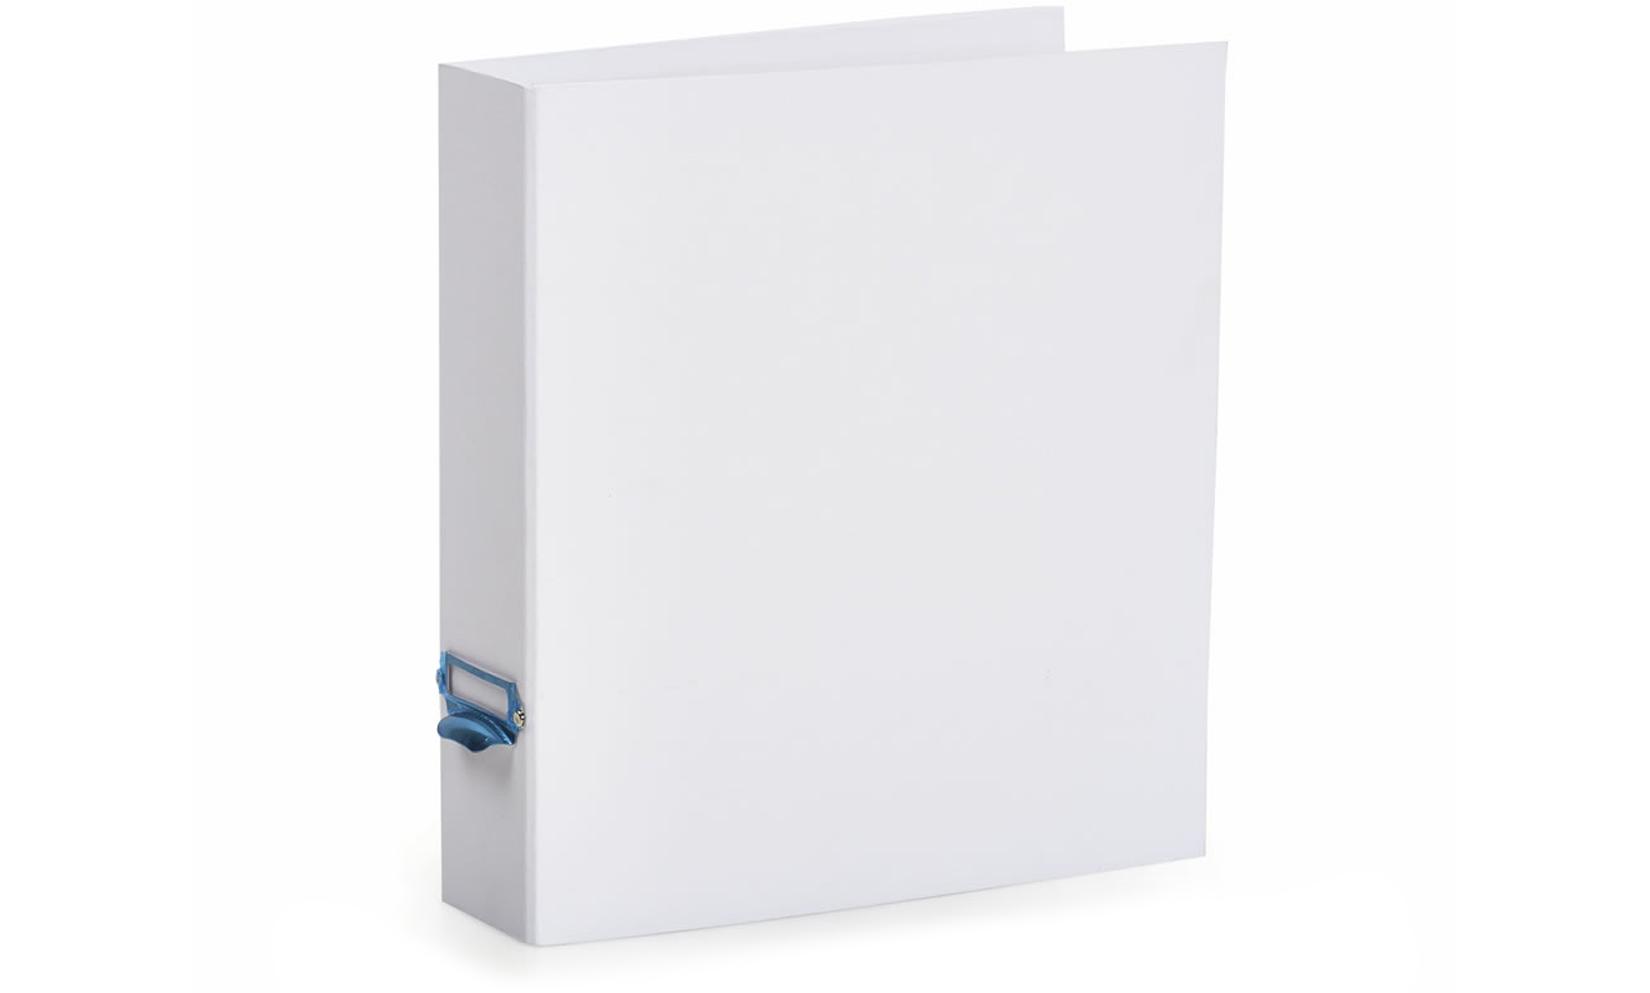 Wilko white lever arch file